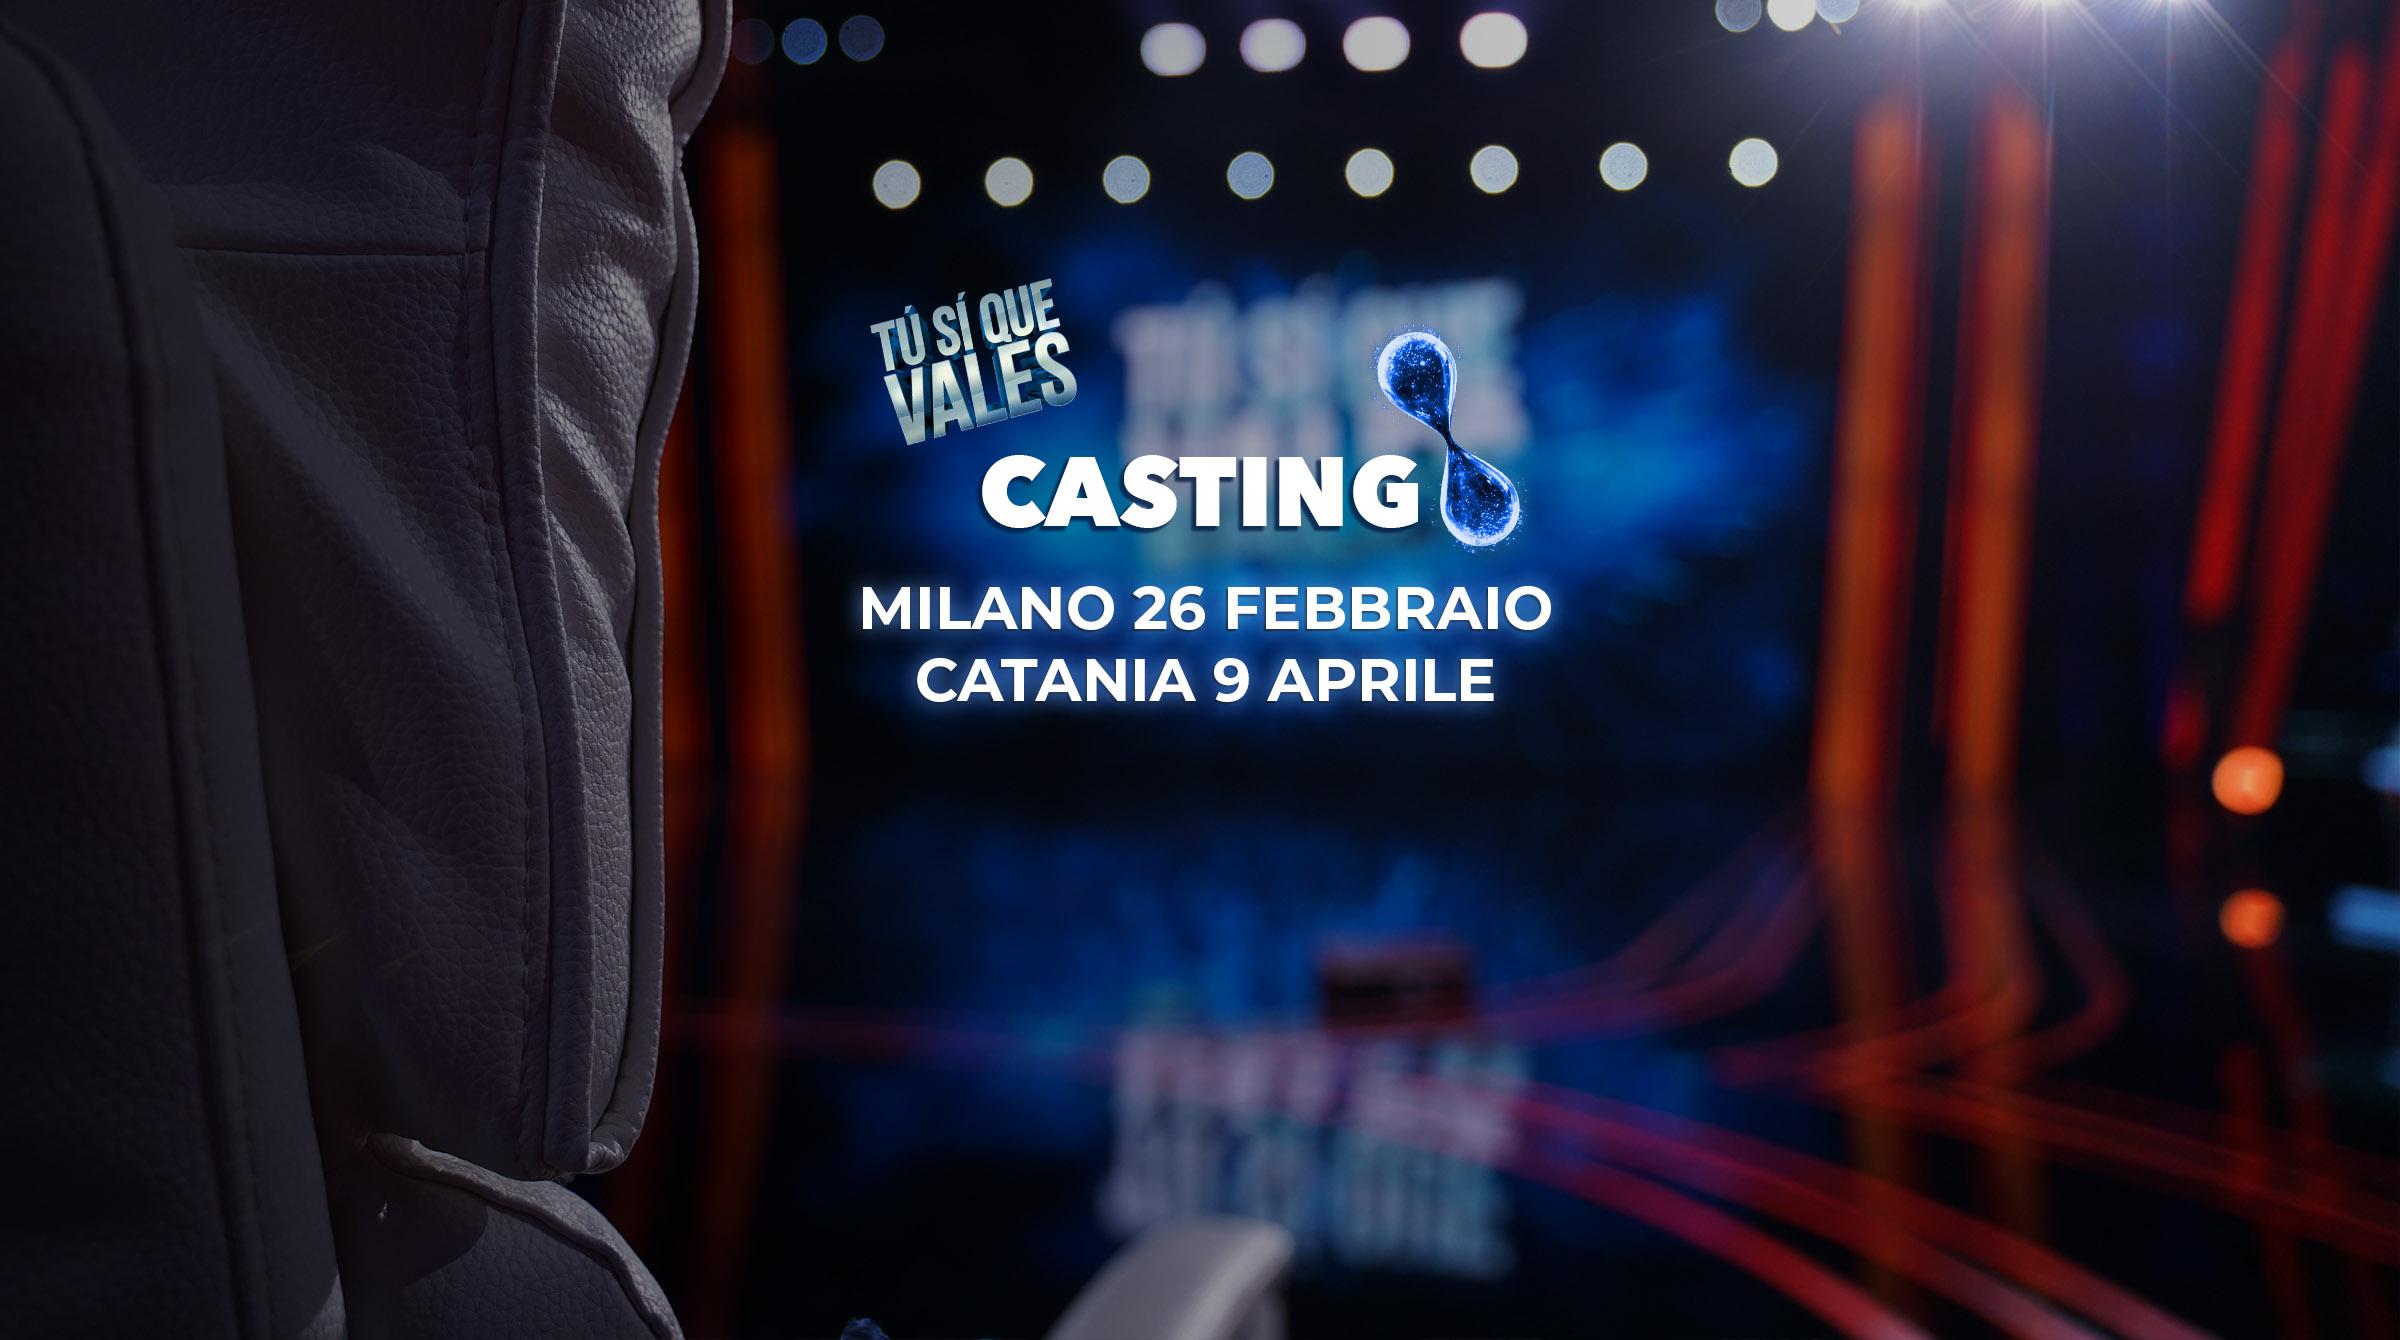 casting-tusiquevales-20febbraio